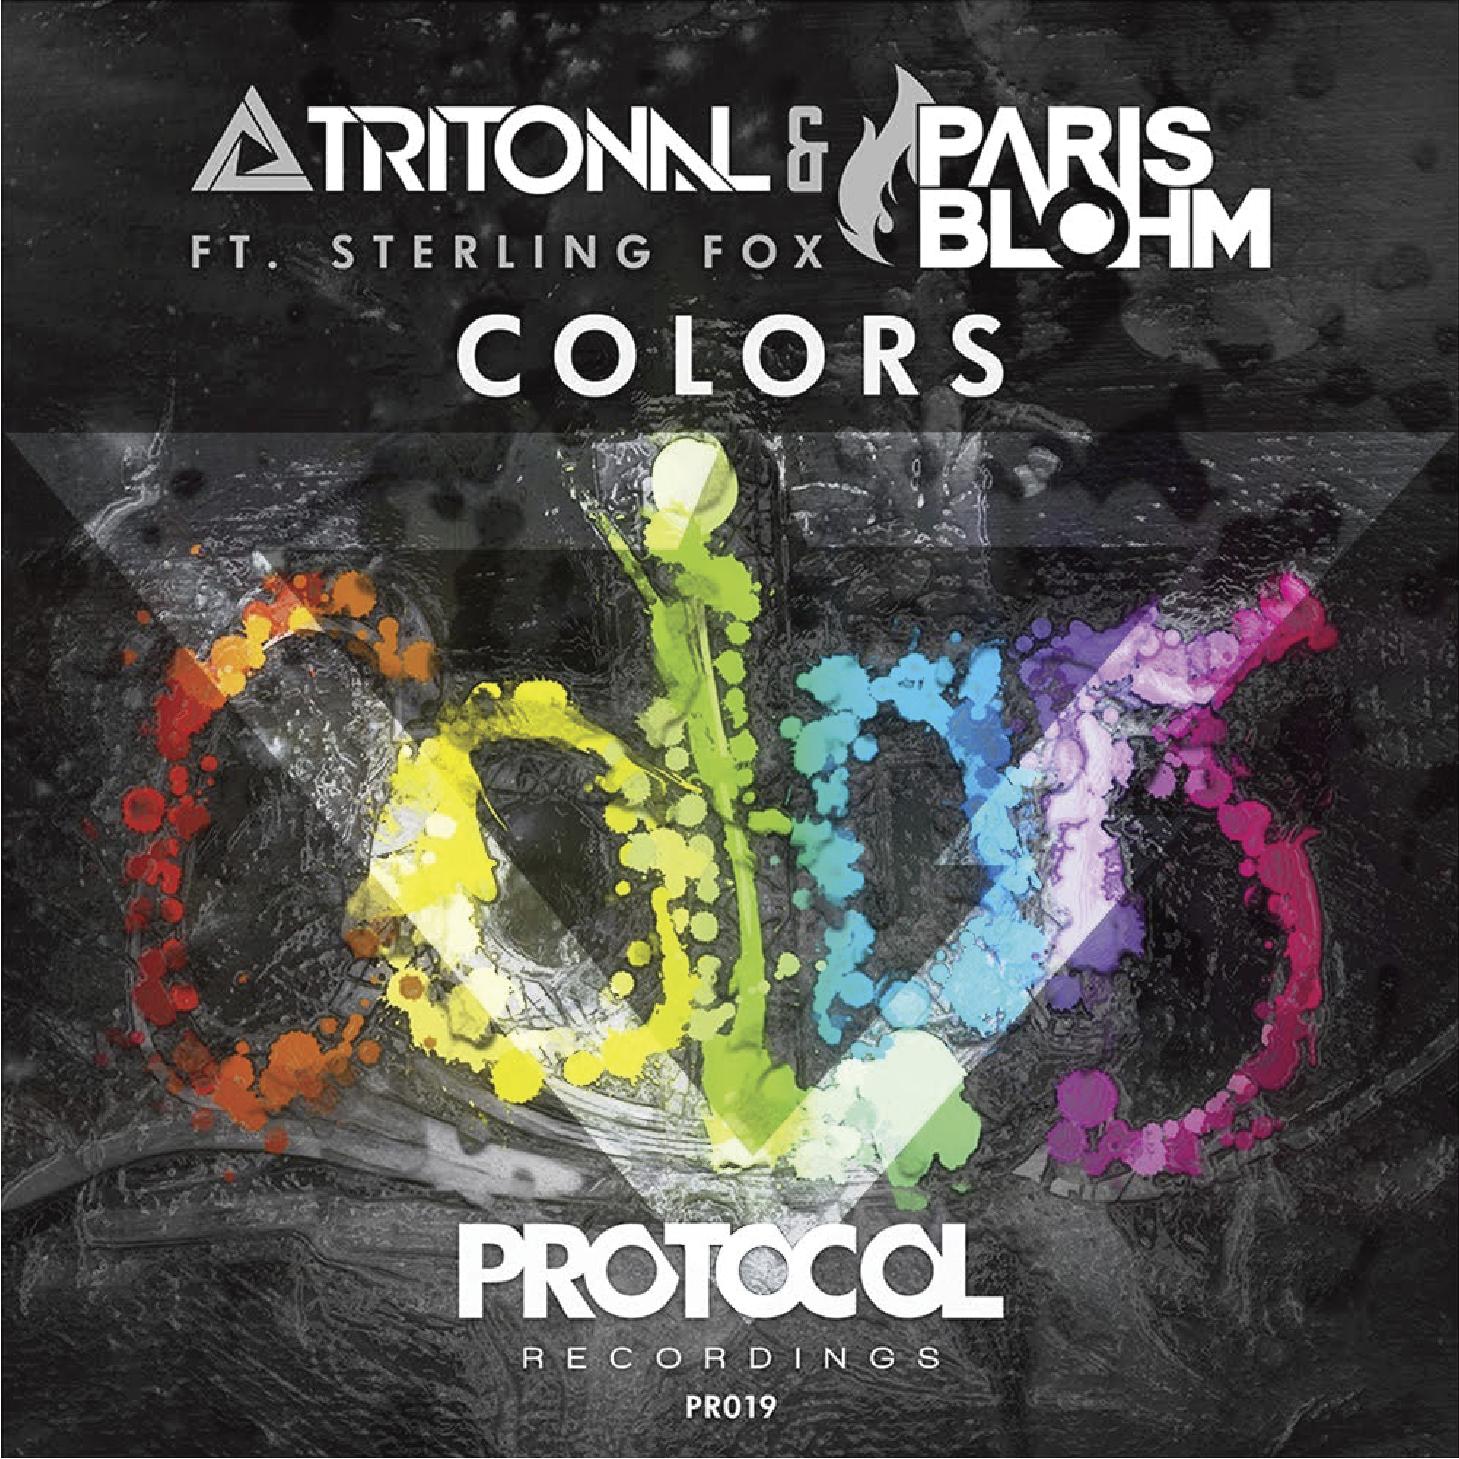 Music Thumbnails 1916_Tritonal & Paris Blohm ft. Sterling Fox - Colors.png